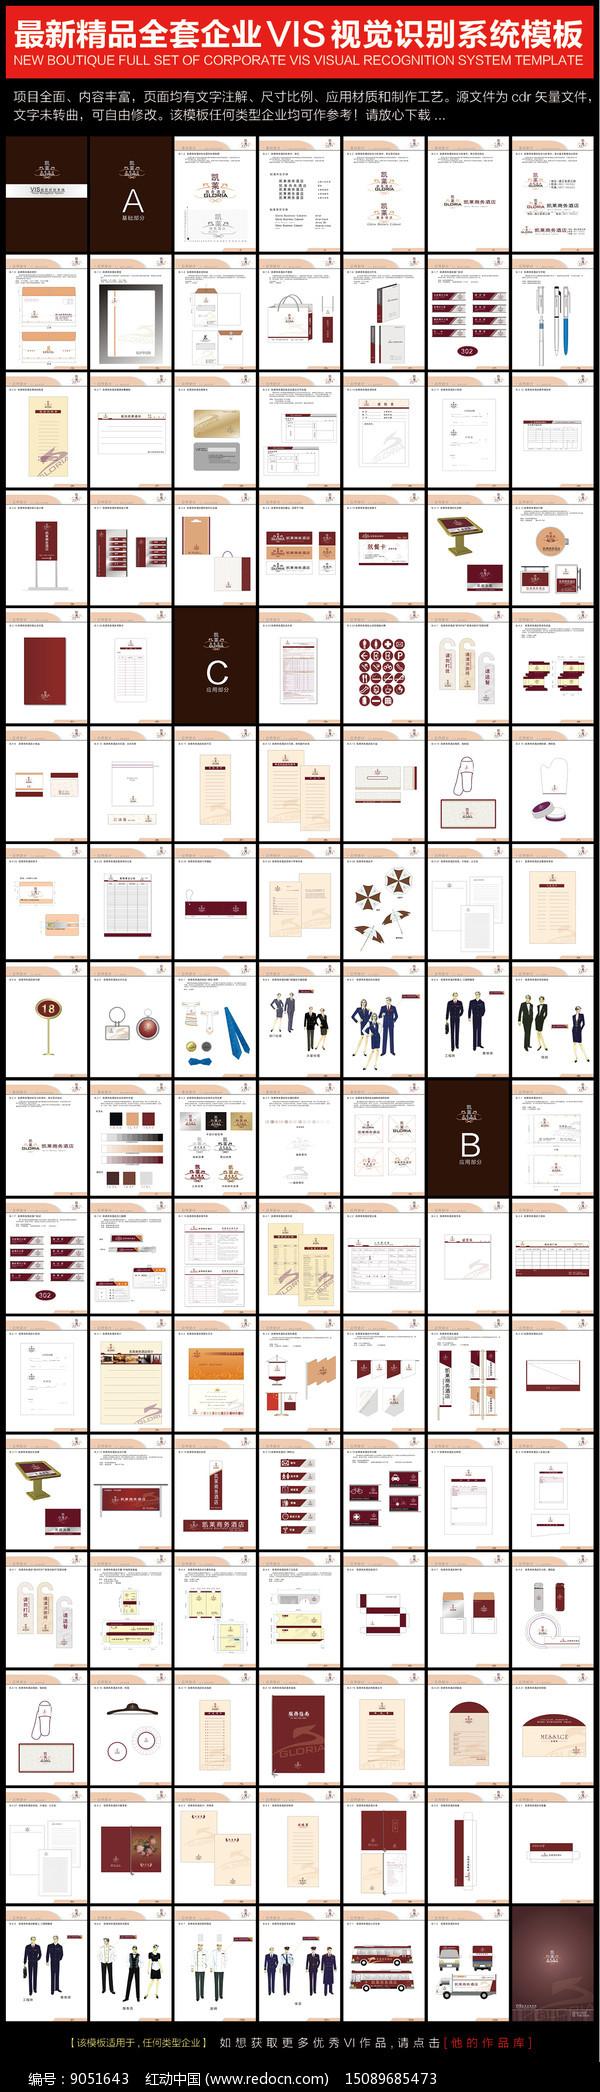 最新精品全套企业VI模板图片